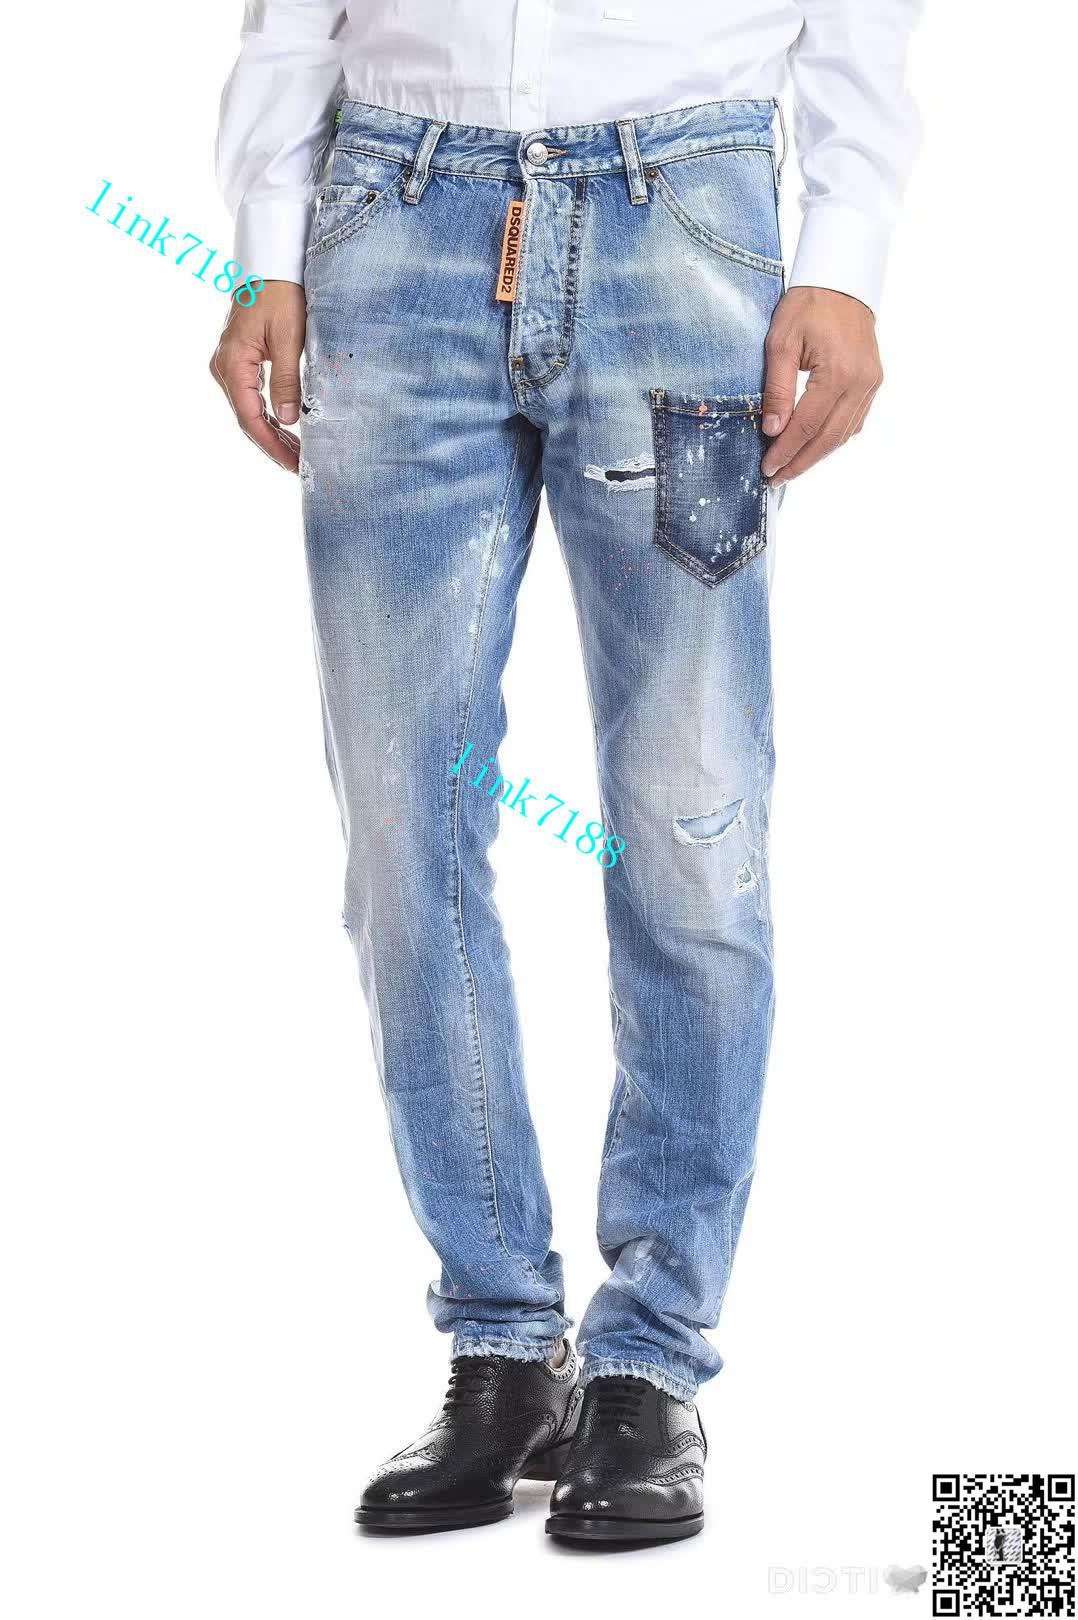 db7ed34cf2 Compre Diseñador De Jeans Para Hombres Moda Parches De Parche De Alta  Calidad Biker Jeans Rojos Para Hombre Clásico Para Hombre Ropa 1.1 2 A   58.89 Del ...